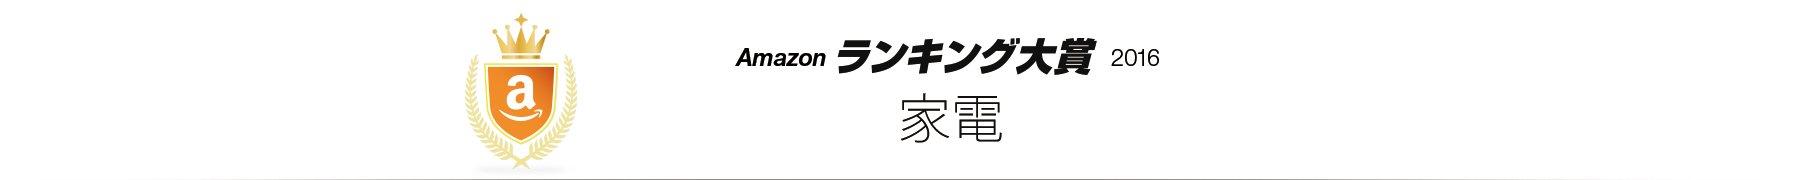 Amazonランキング大賞2016 家電